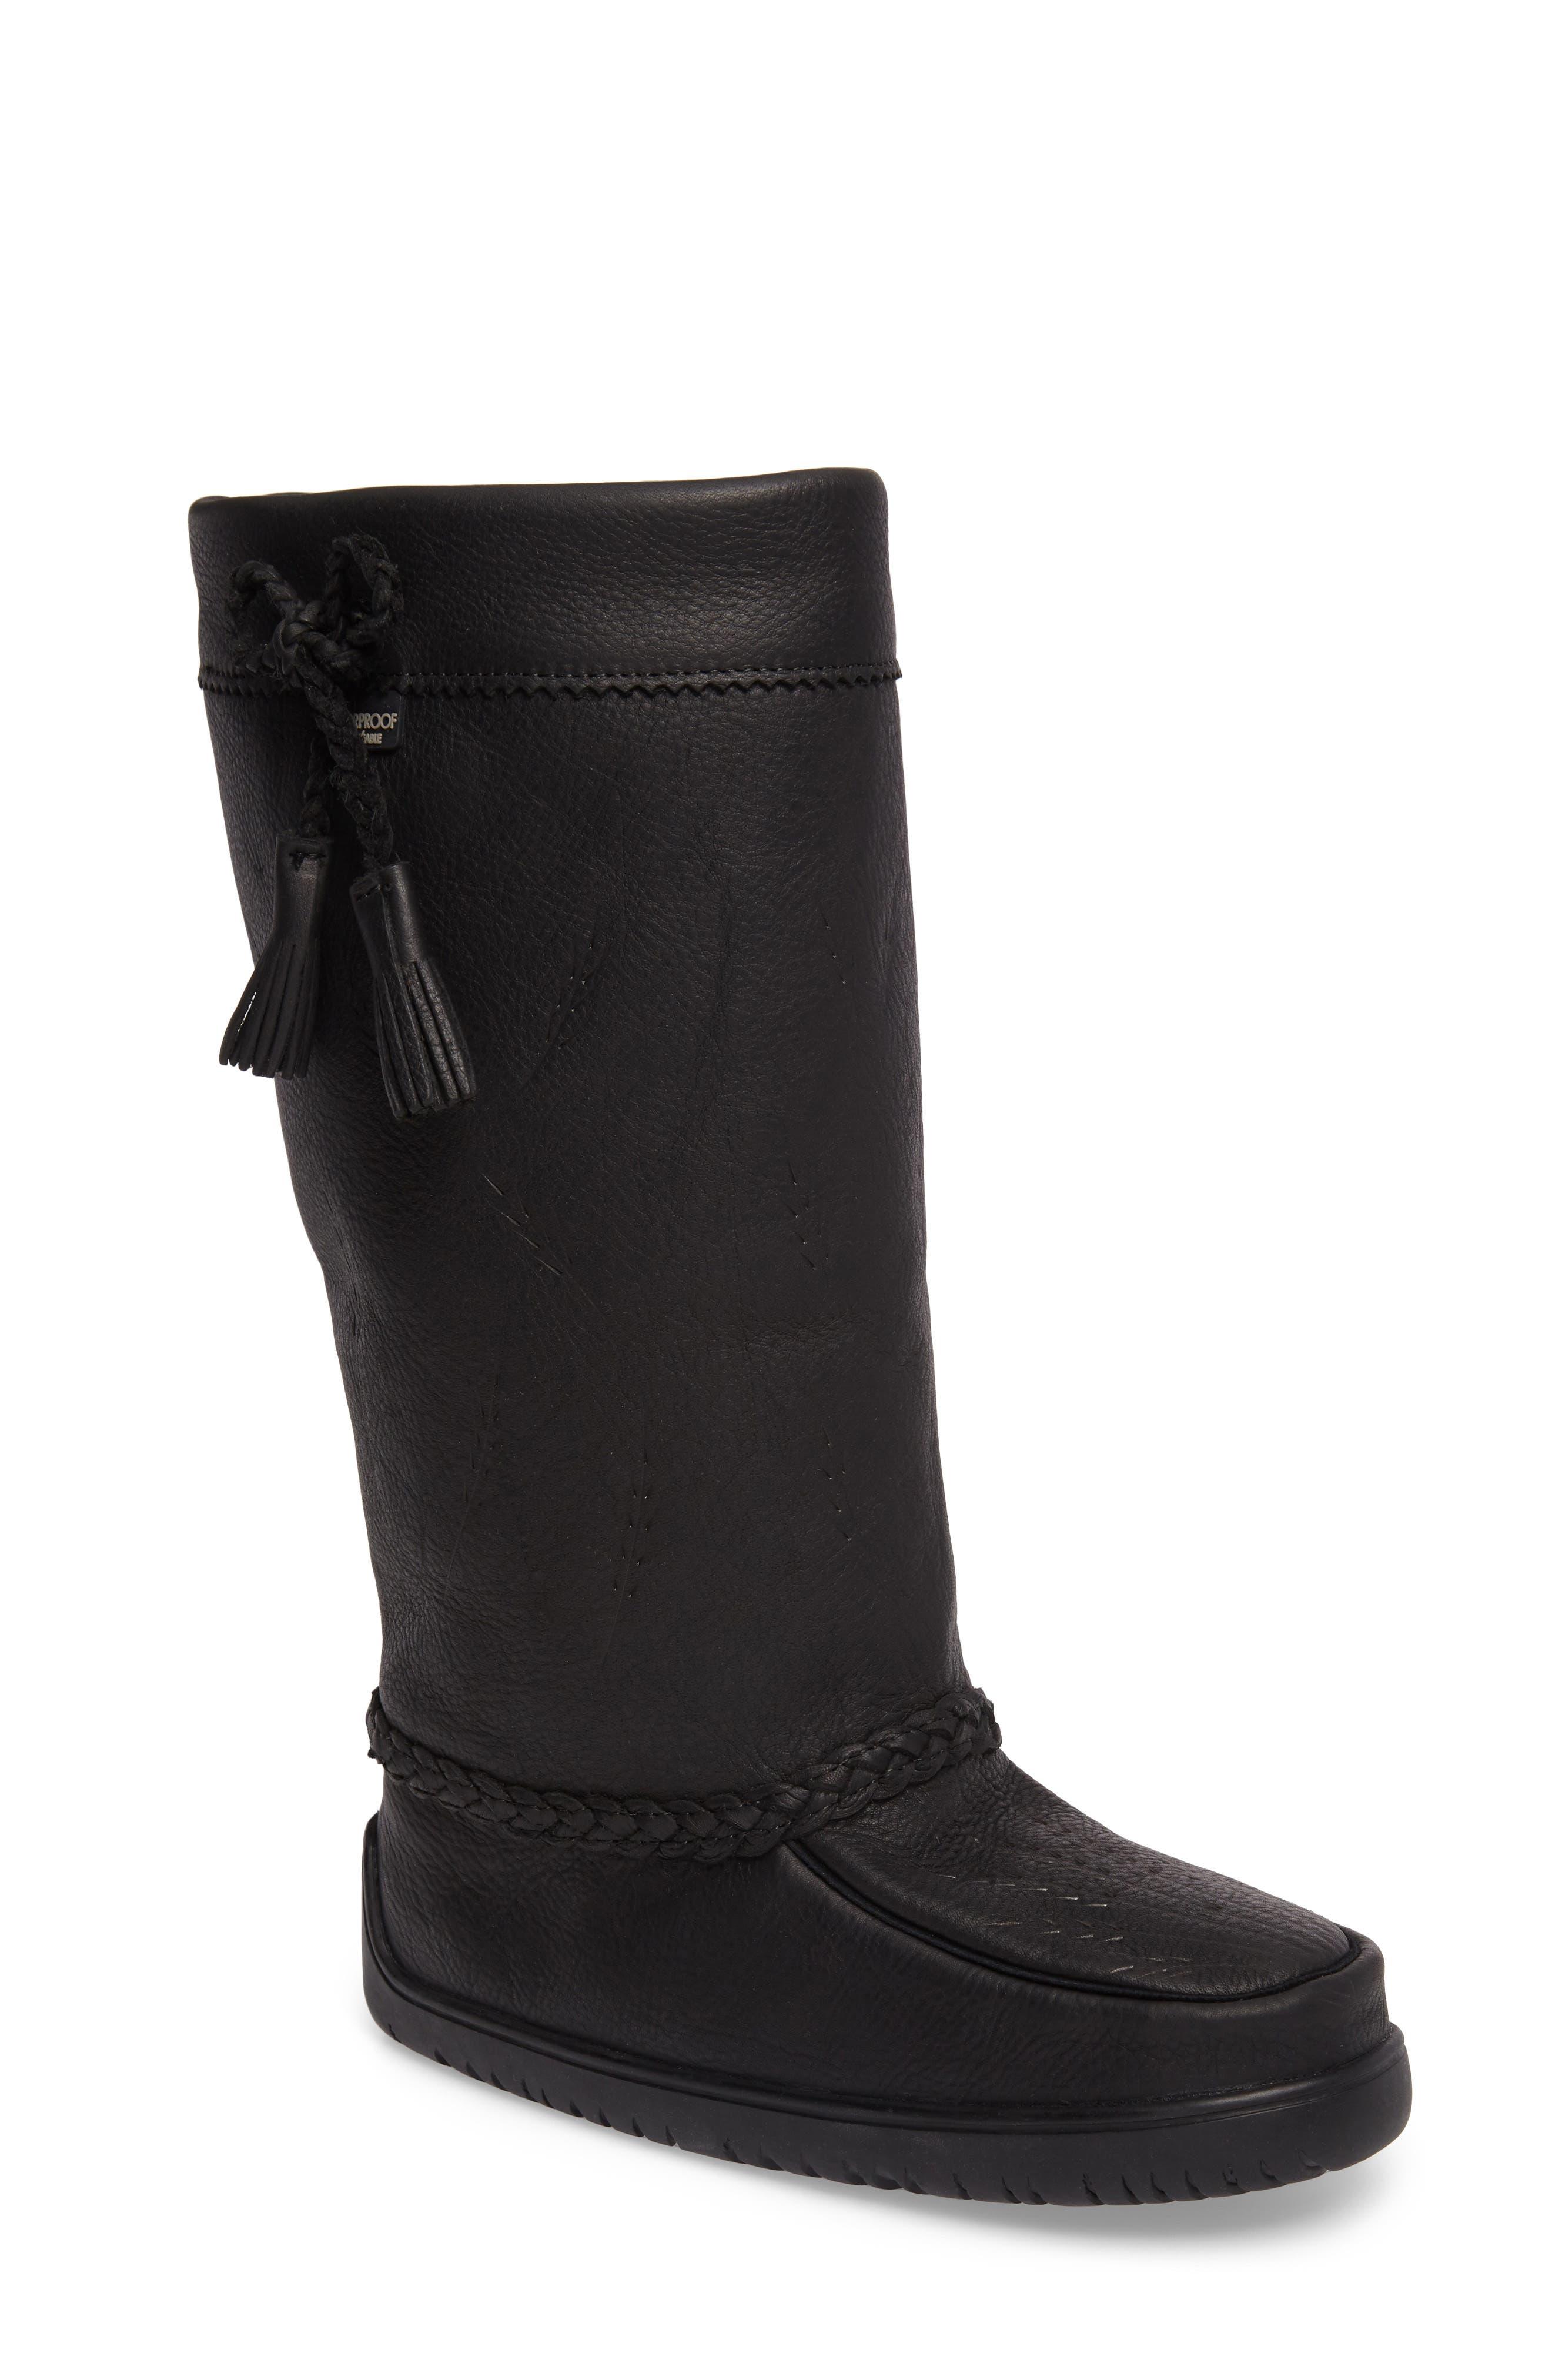 Main Image - Manitobah Mukluks Tamarack Waterproof Genuine Shearling Boot (Women) (Wide Calf)